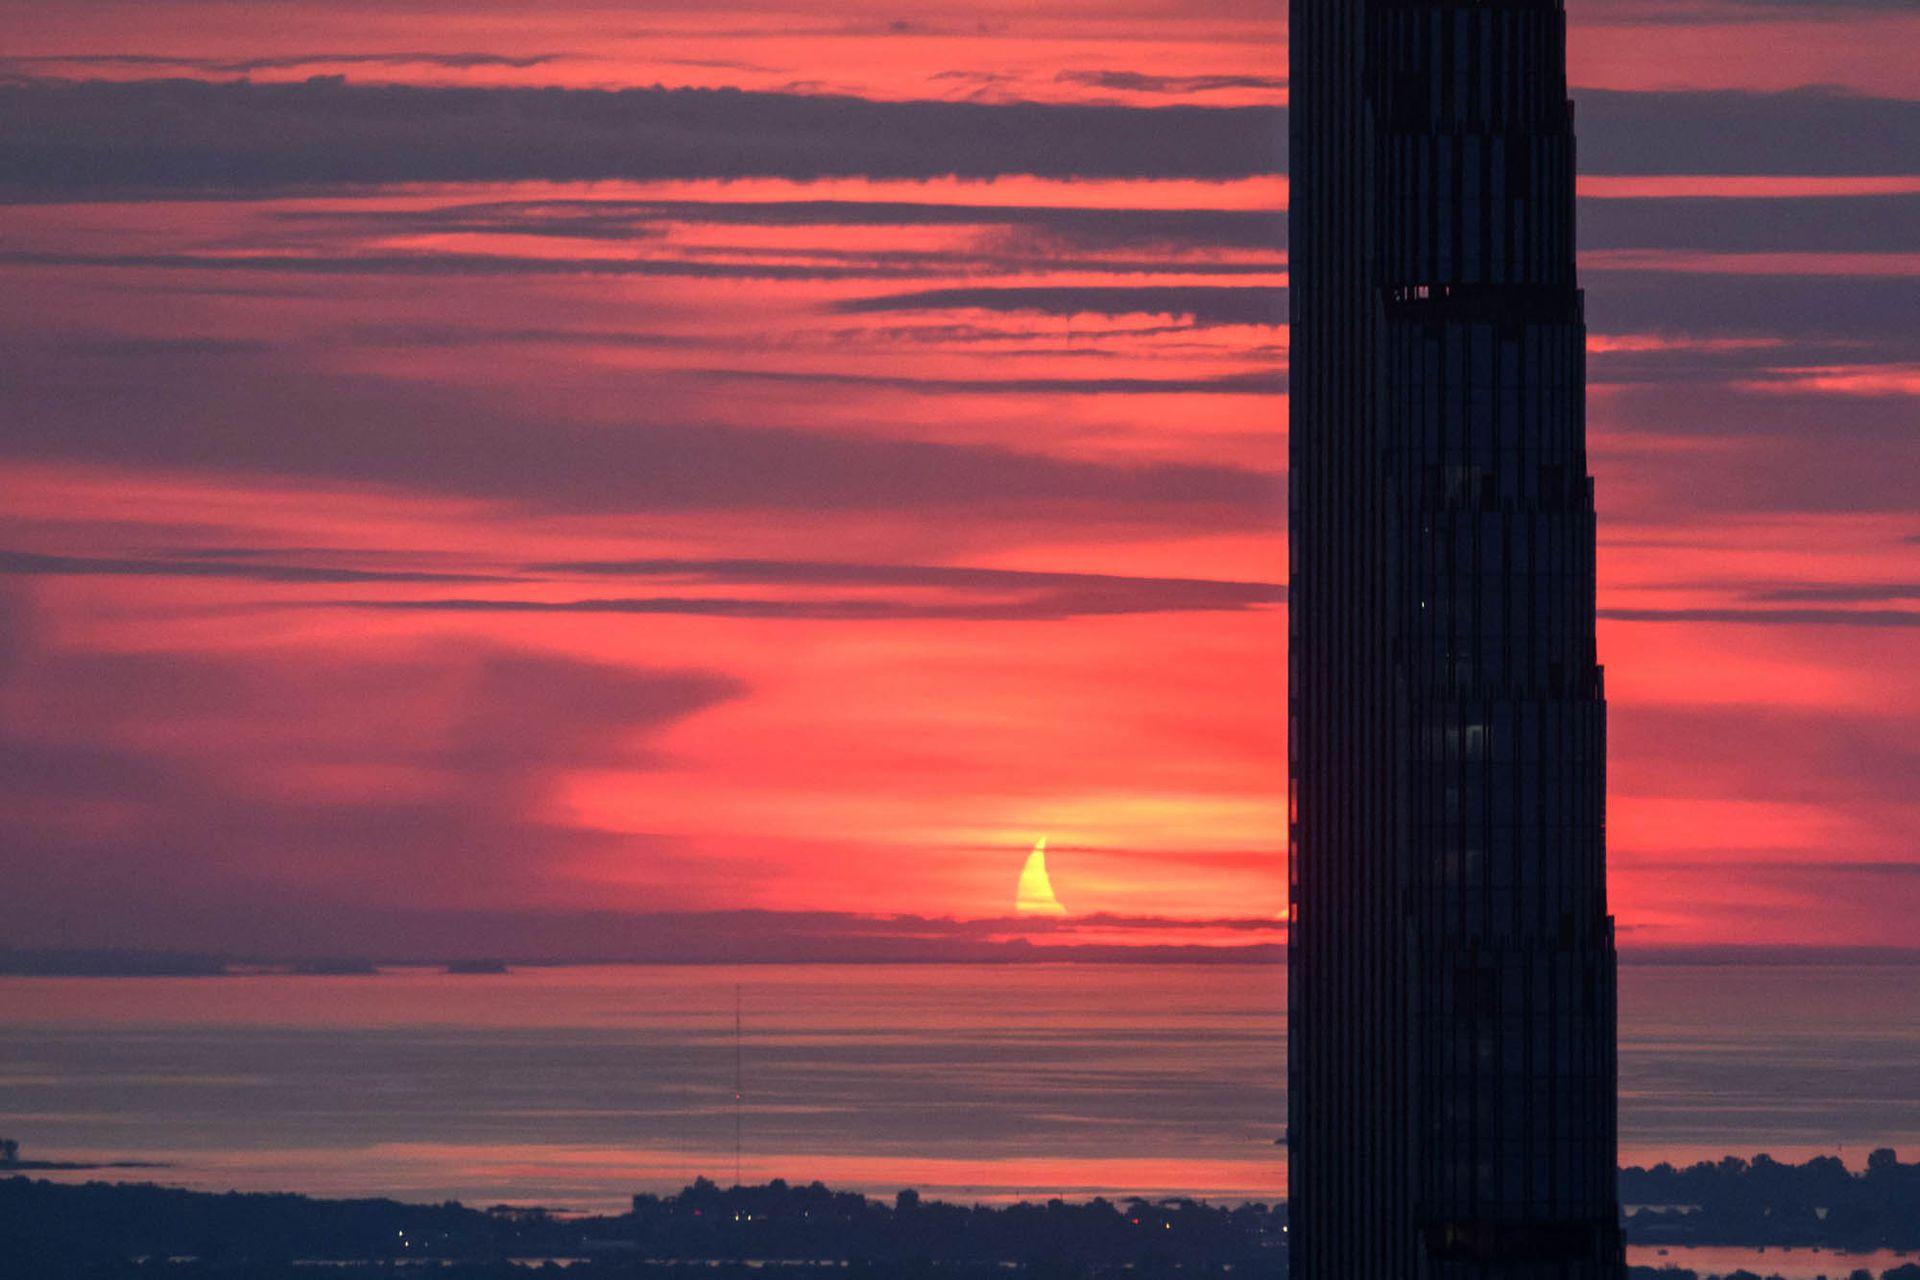 También se puede contemplar de forma indirecta, mediante proyección en el suelo, utilizando un trozo de cartón con agujeros o una espumadera. Este es el primer eclipse anular del año 2021 y el decimosexto del siglo XXI.